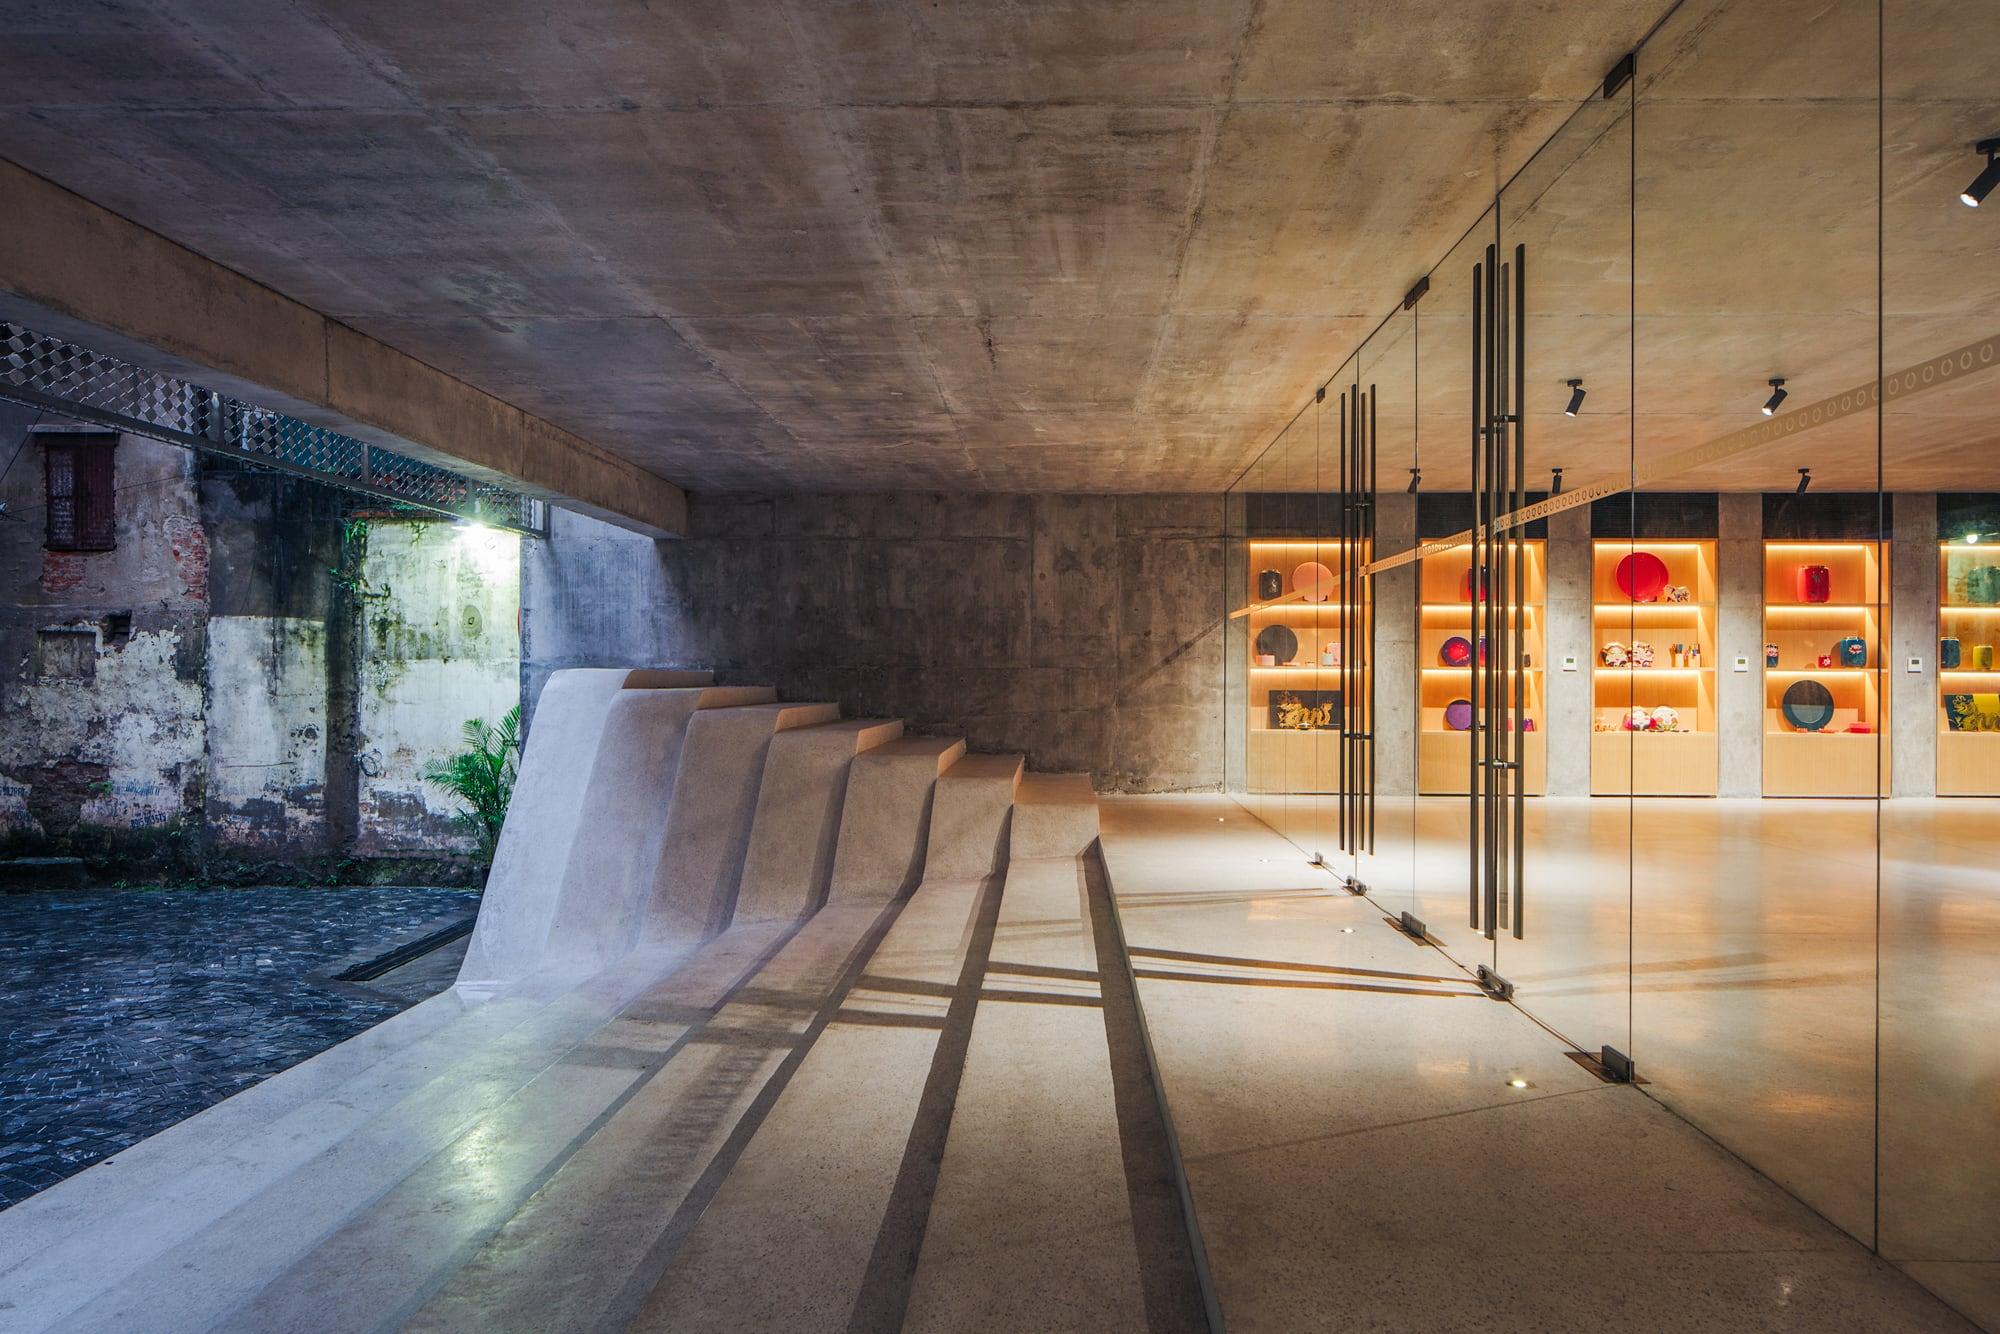 The Bridge By G8A: Grégoire Du Pasquier Gives A Tour Of A New Hanoi Project